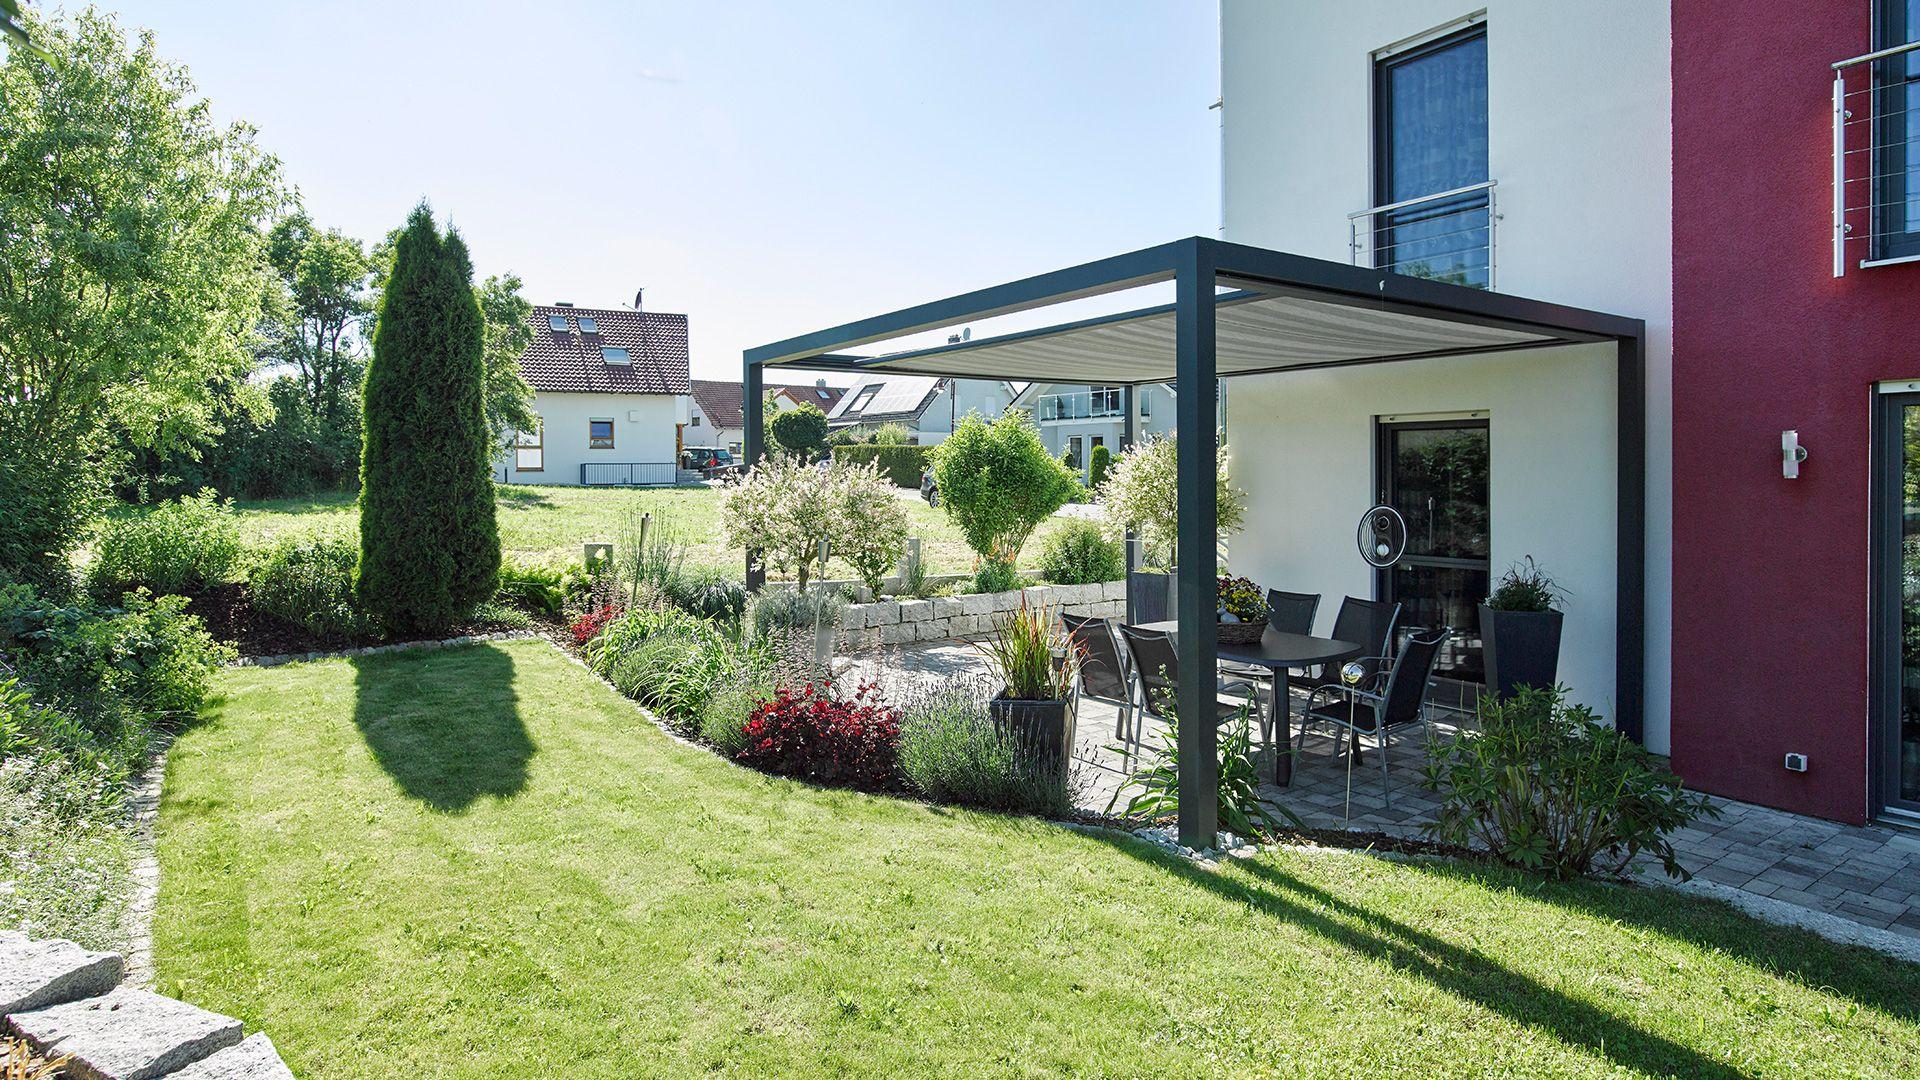 Gewaltig Sonnenschutzrollo Terrasse Galerie Von Erstklassiger Sonnenschutz Für Balkon Und Terrasse: Markisen,